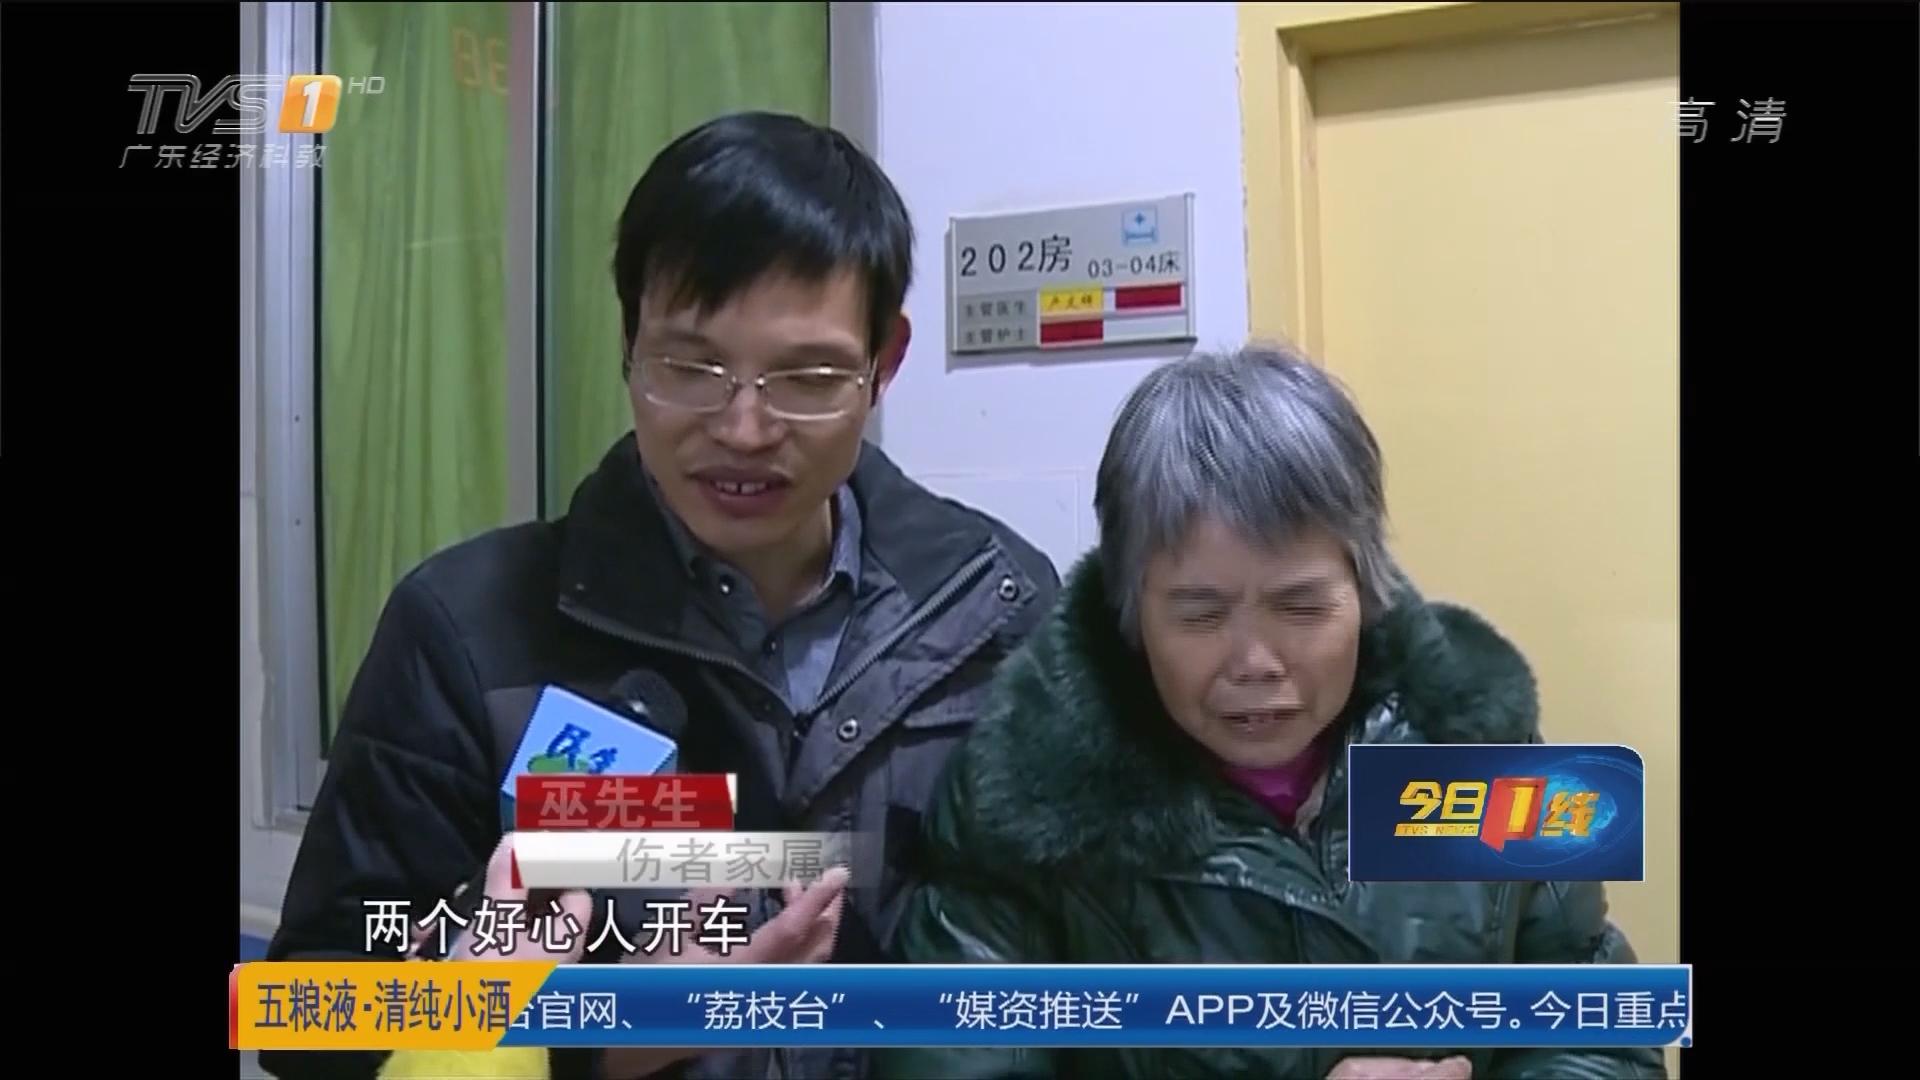 传递正能量:梅州 伤者倒地扶不扶?街坊行动作答